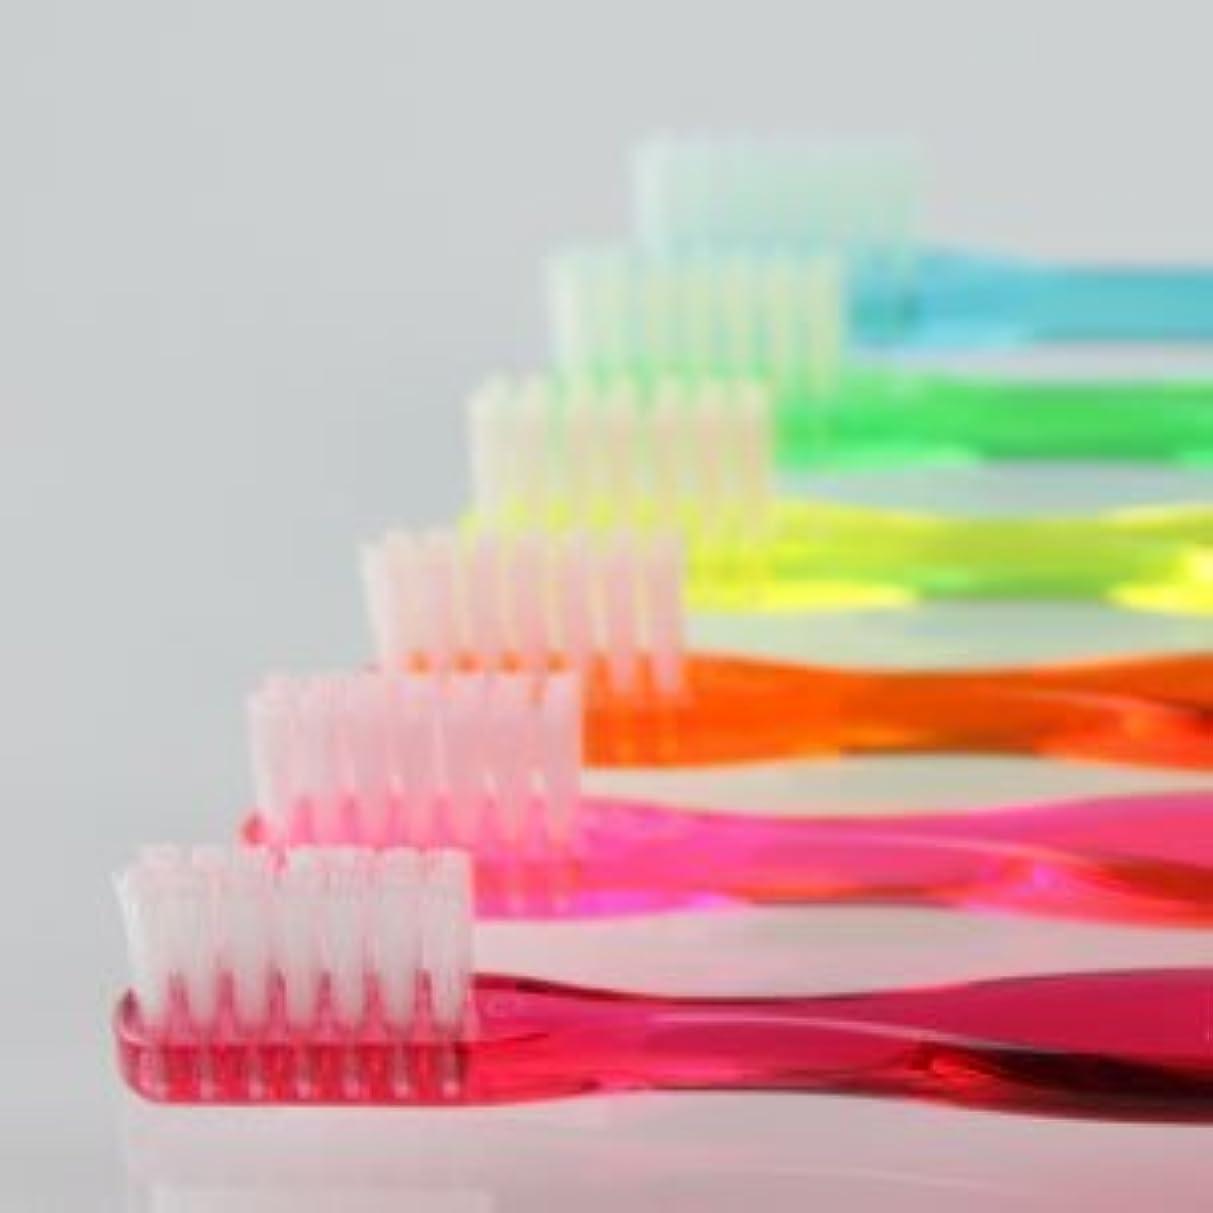 木買う考古学サムフレンド 歯ブラシ #20(ミニ) 6本 ※お色は当店お任せです